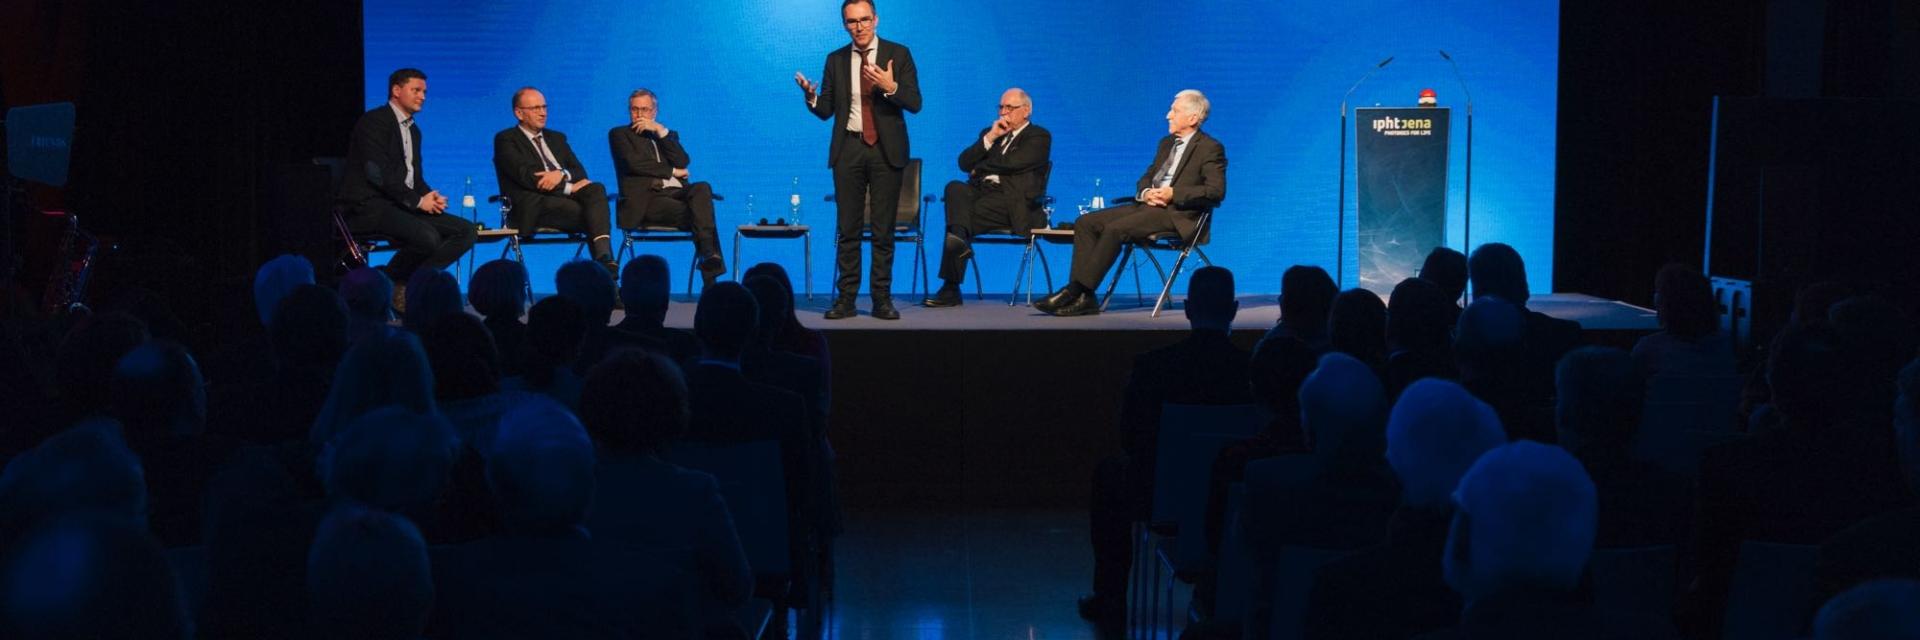 Podium der Festveranstaltung für 25 Jahre Leibniz-Institut für Photonische Hochtechnologien - Jürgen Popp präsentiert © Leibniz-Institut für Photonische Hochtechnologien, Foto: Sven Döring / Agentur Focus